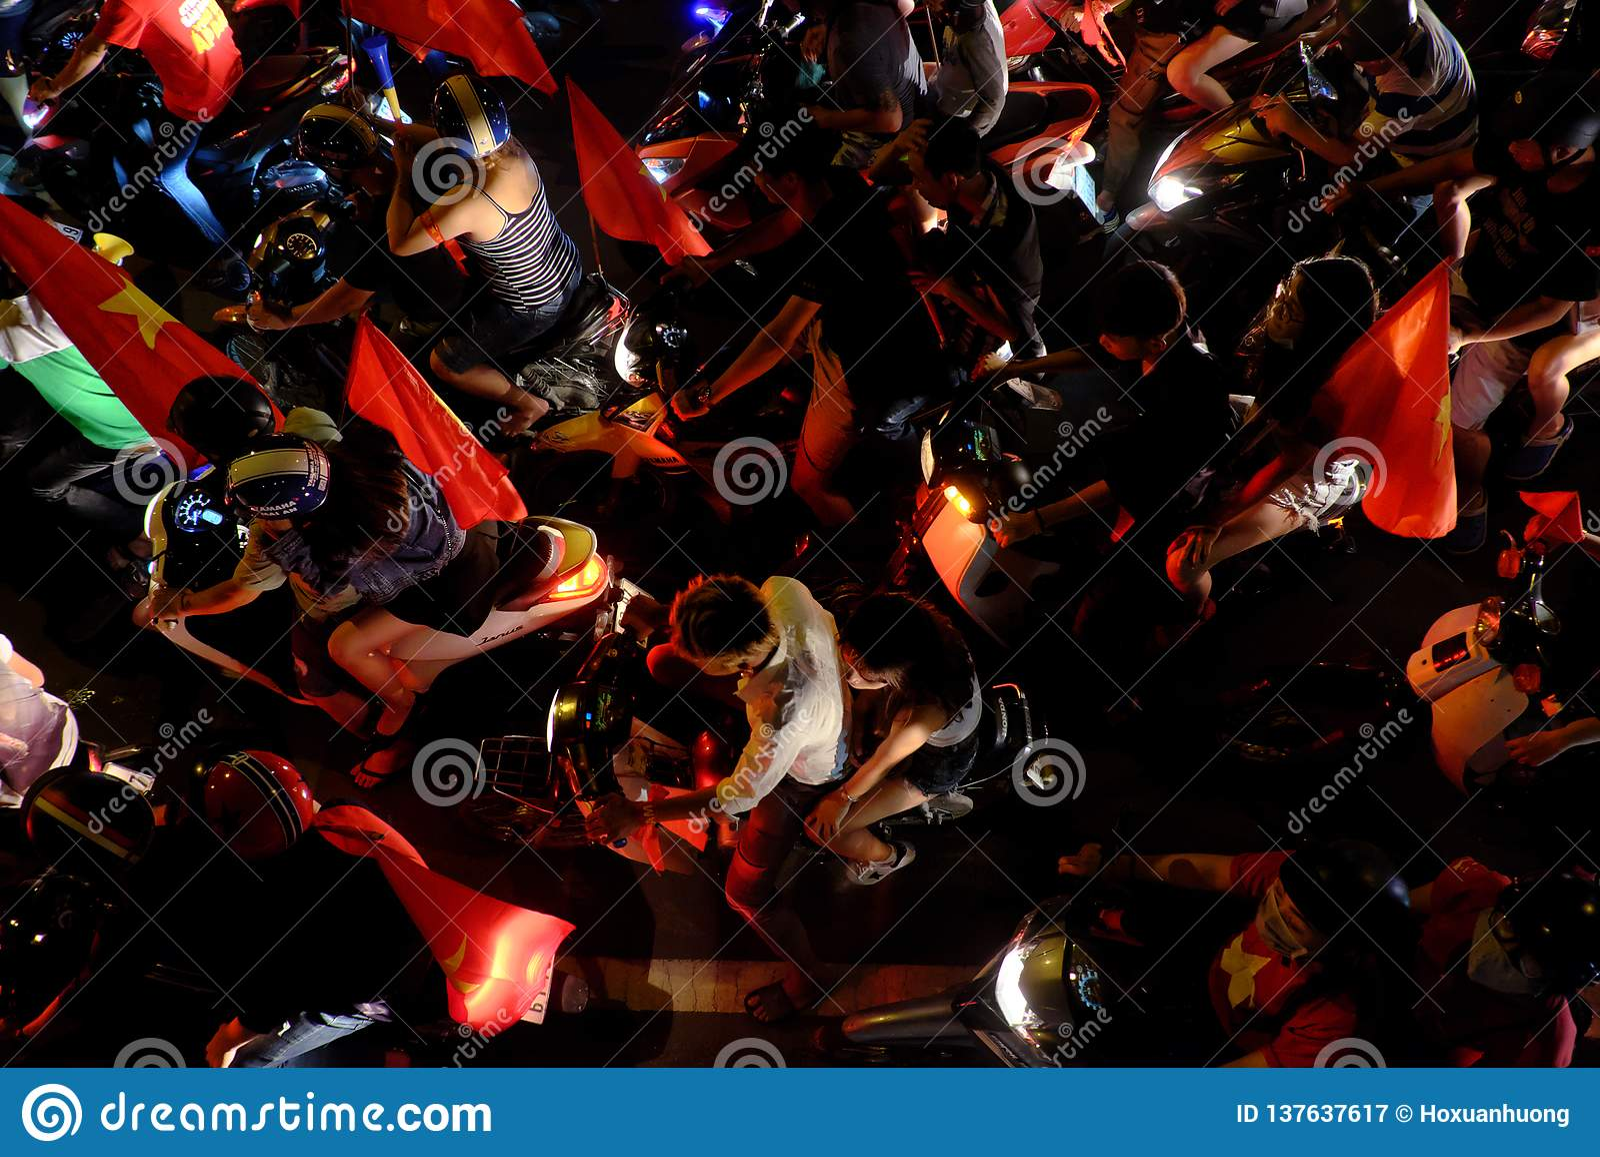 Overvolle Vietnamese straat bij nacht, de motoren van de jongerenrit in opstopping